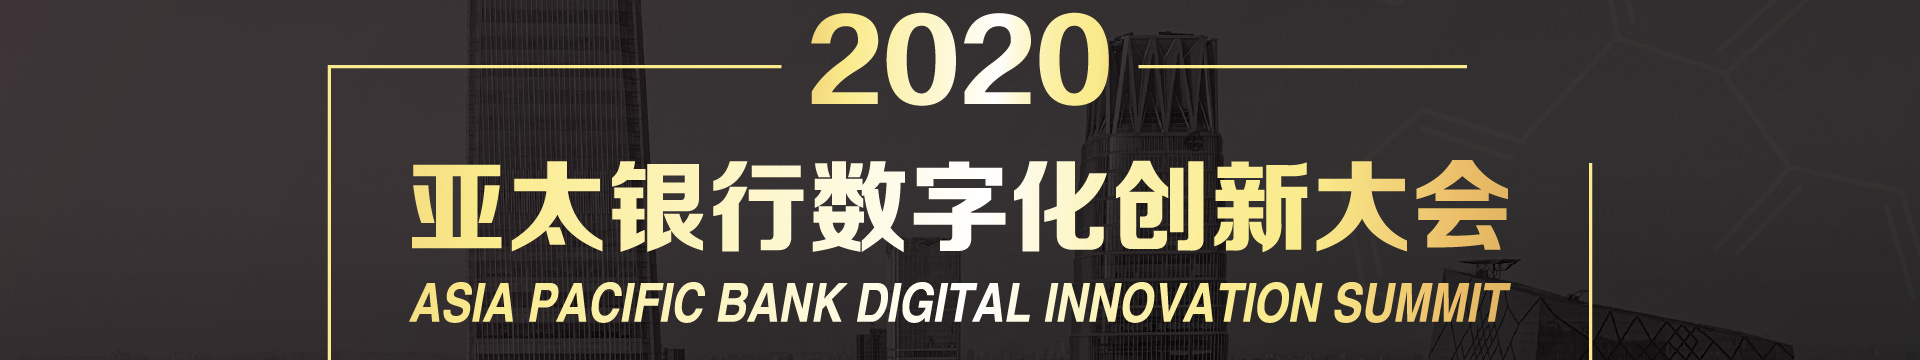 2020亞太銀行數字化創新大會